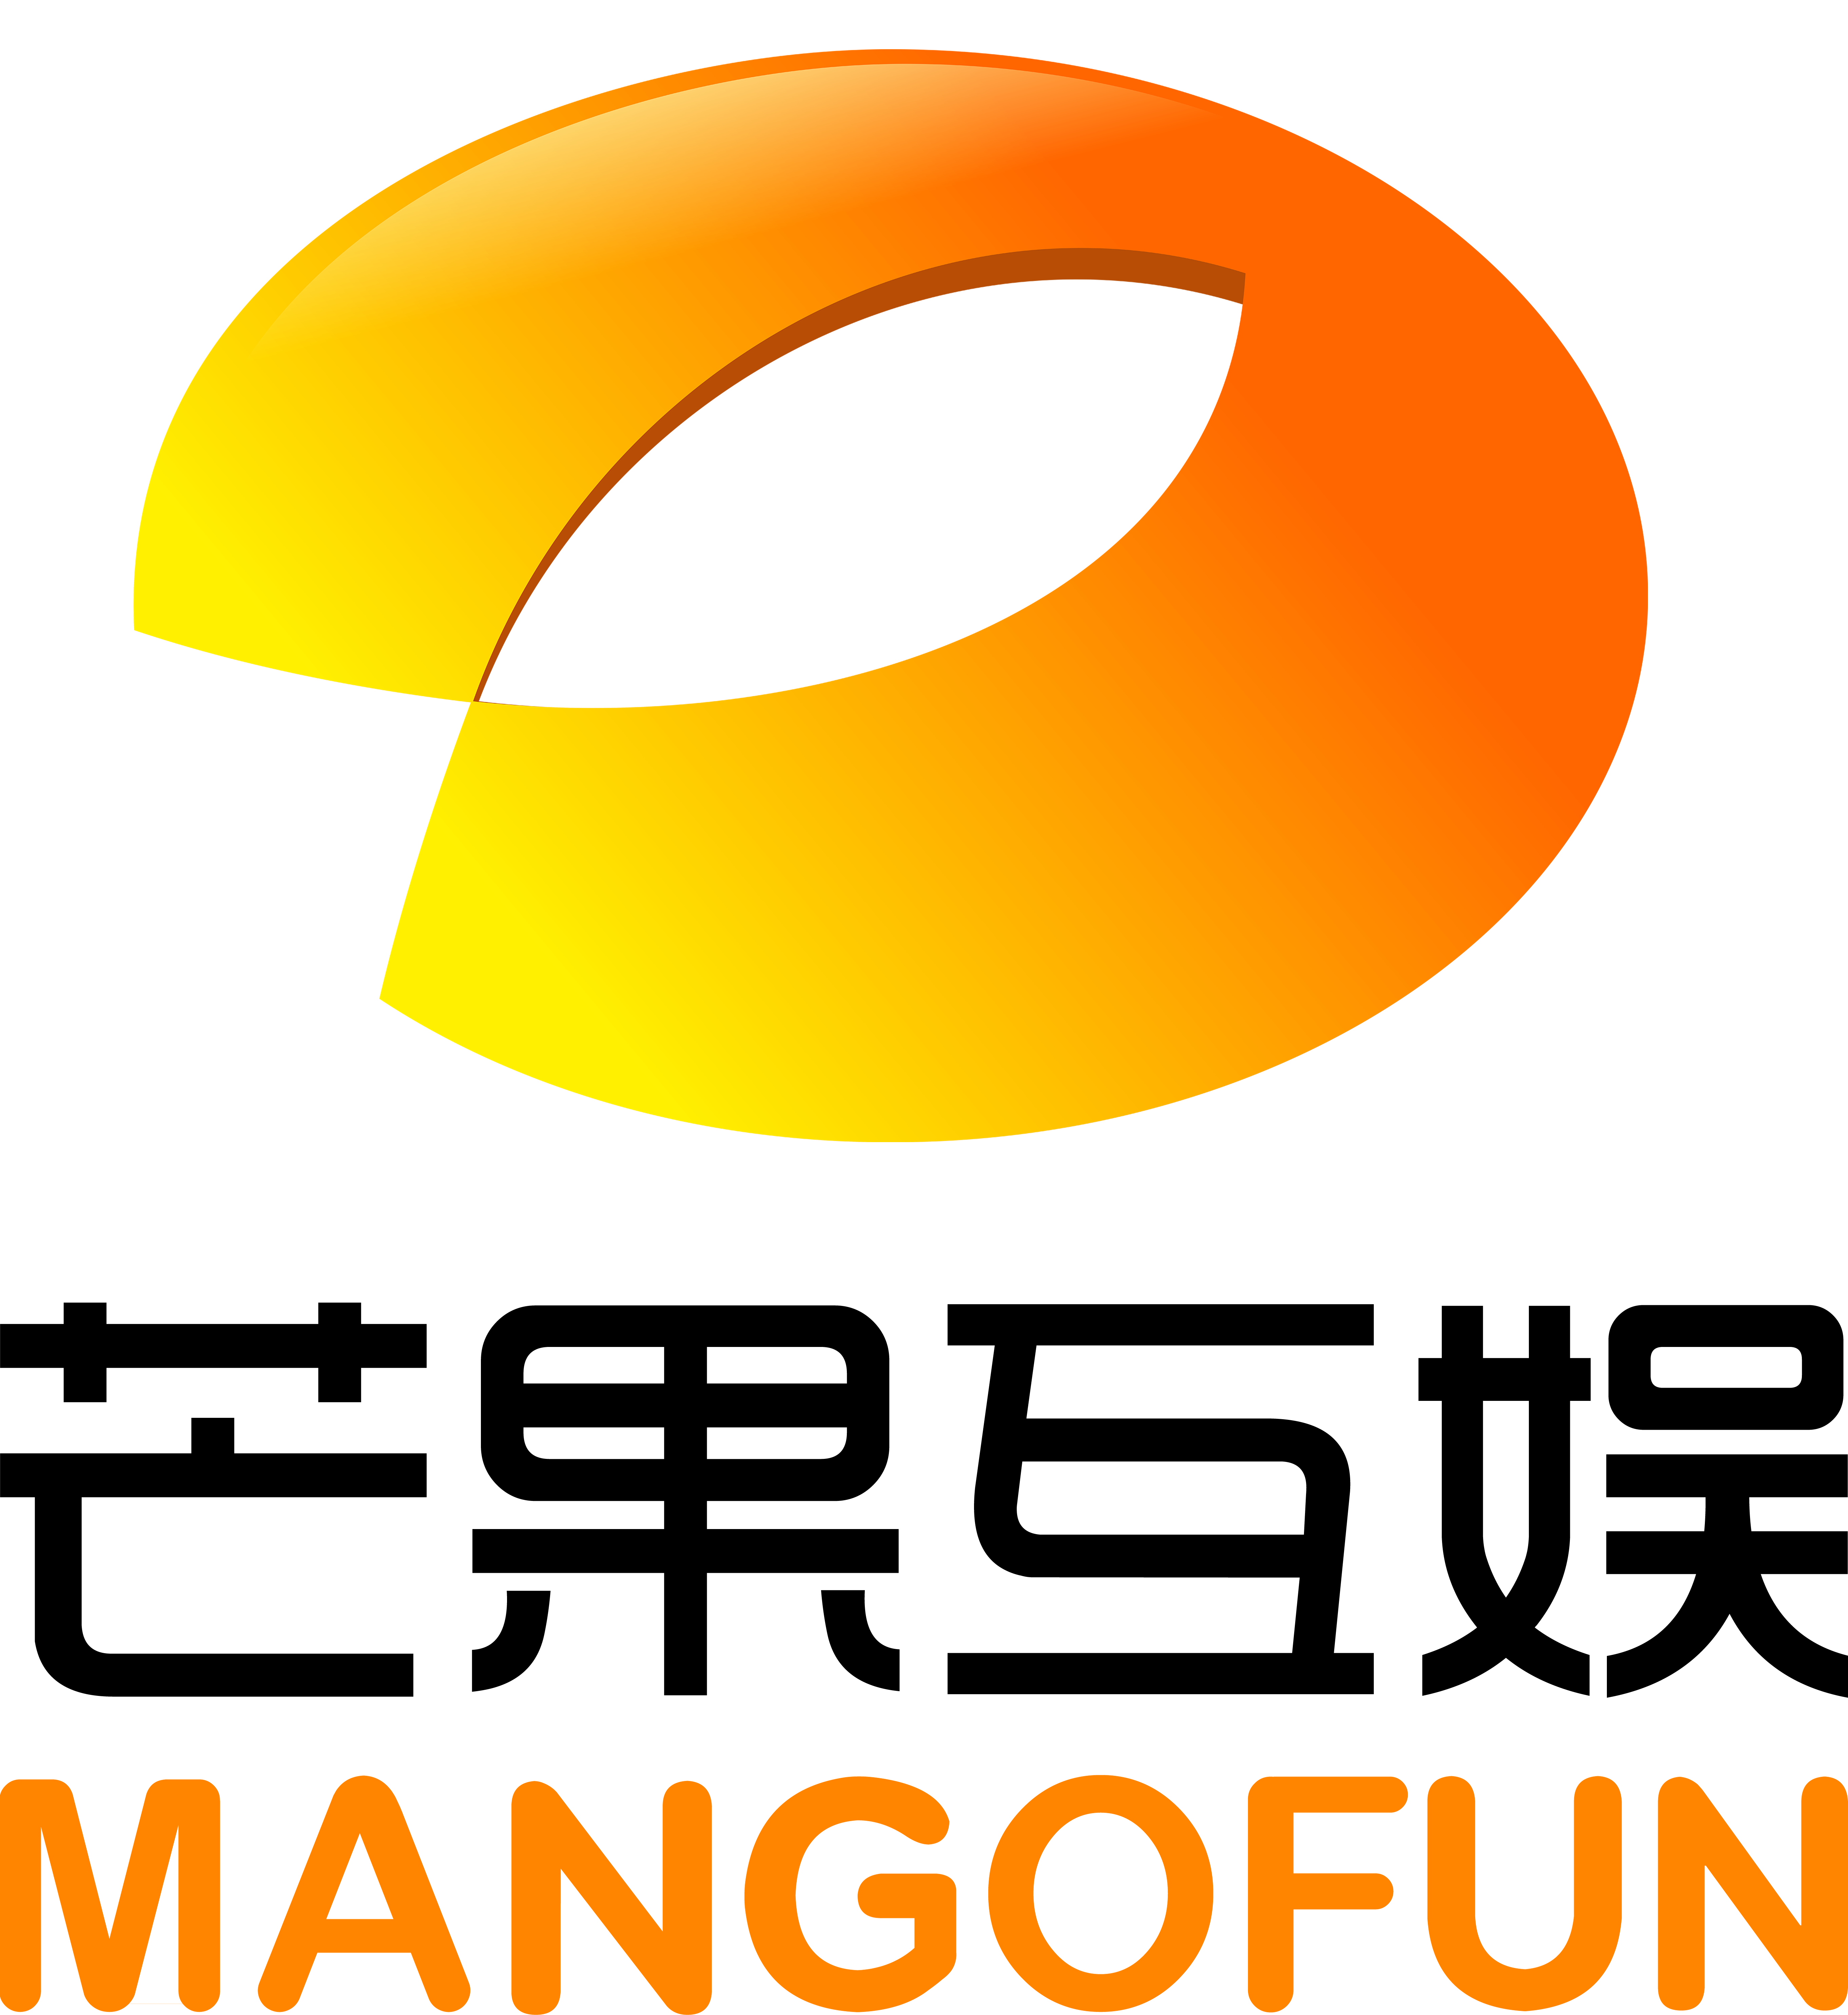 上海芒果互娱科技有限公司